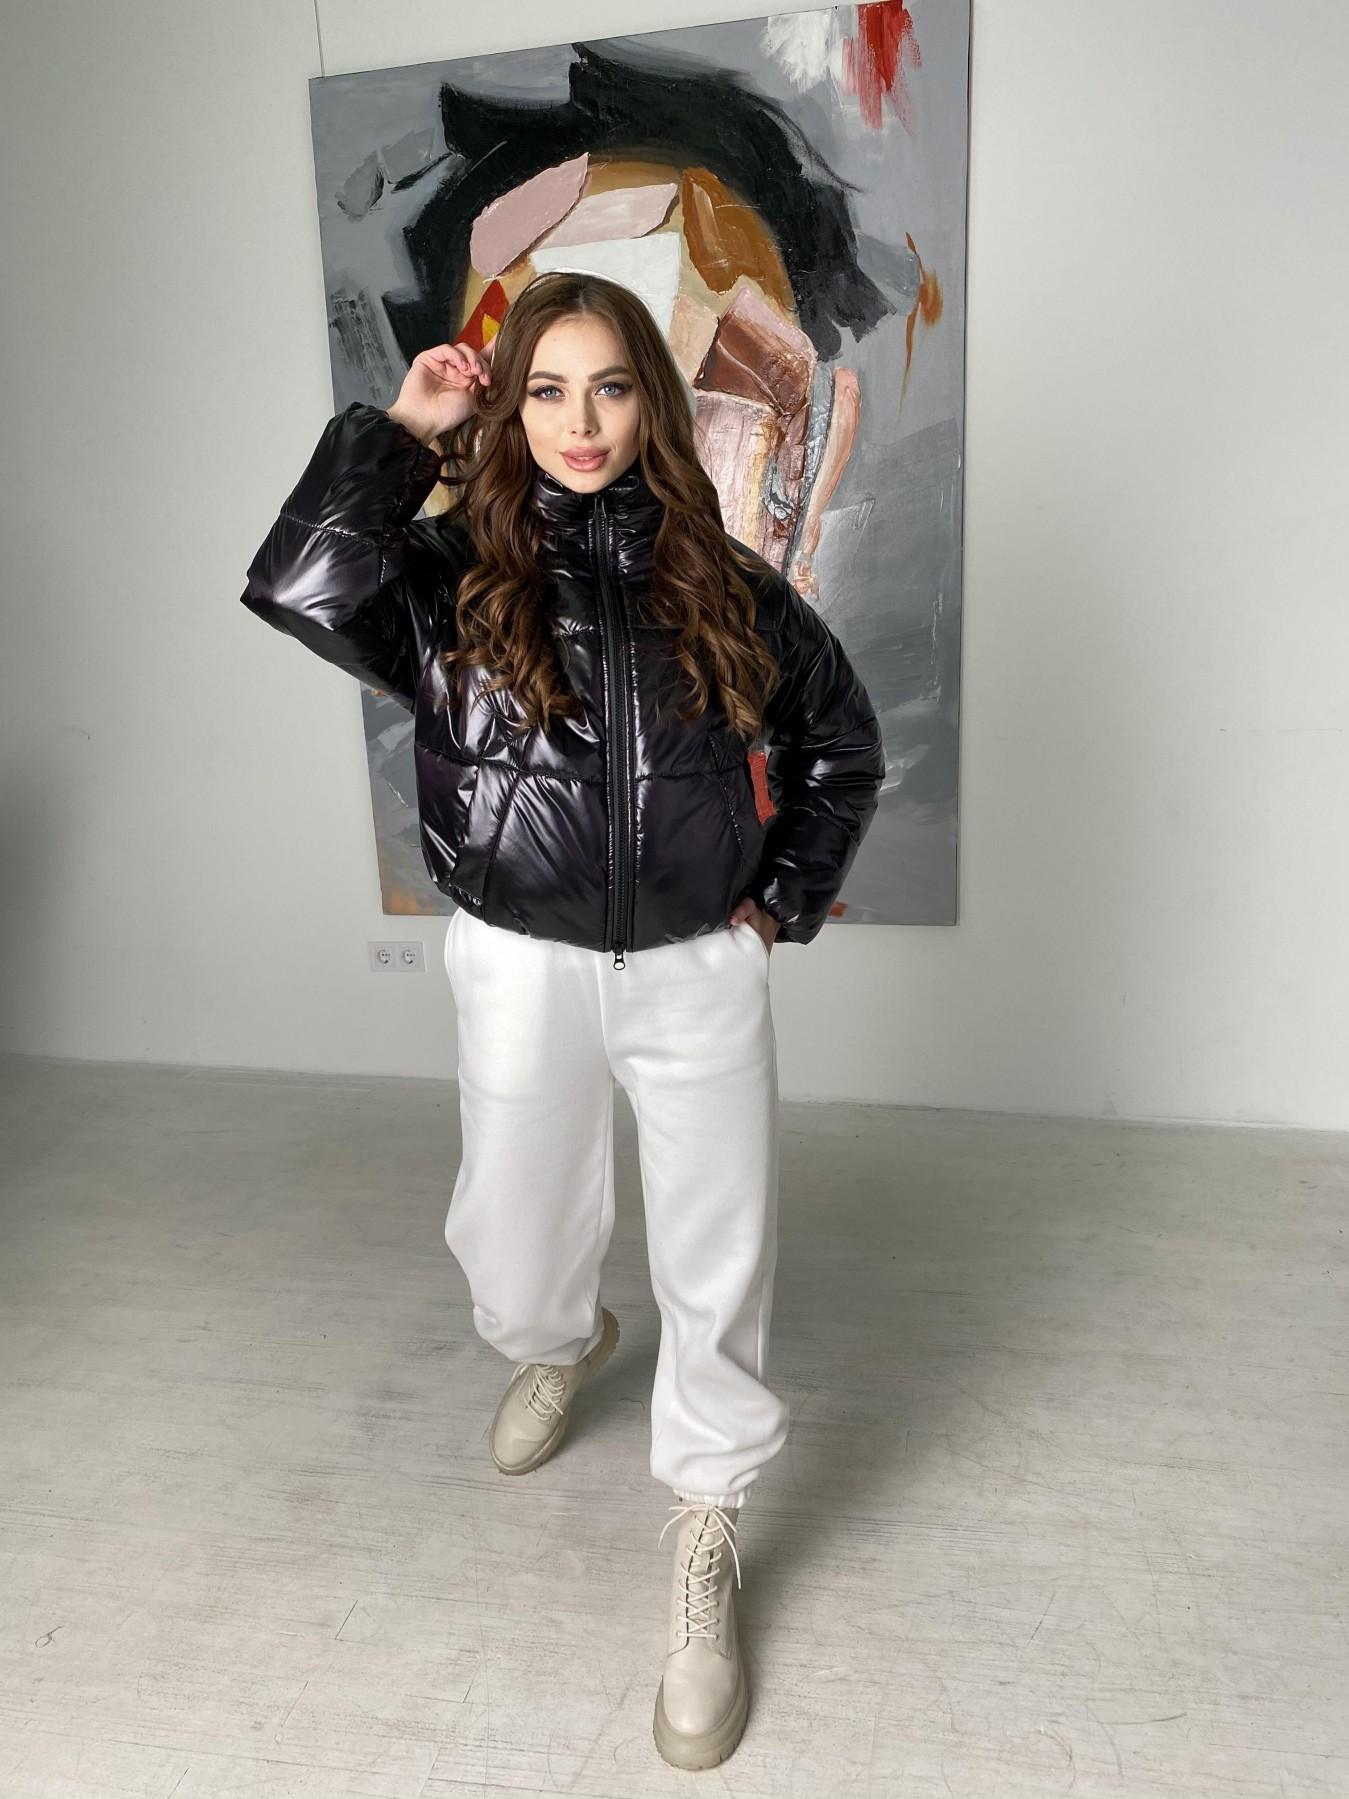 Драйв куртка из плащевой ткани 10497 АРТ. 46843 Цвет: Черный - фото 9, интернет магазин tm-modus.ru